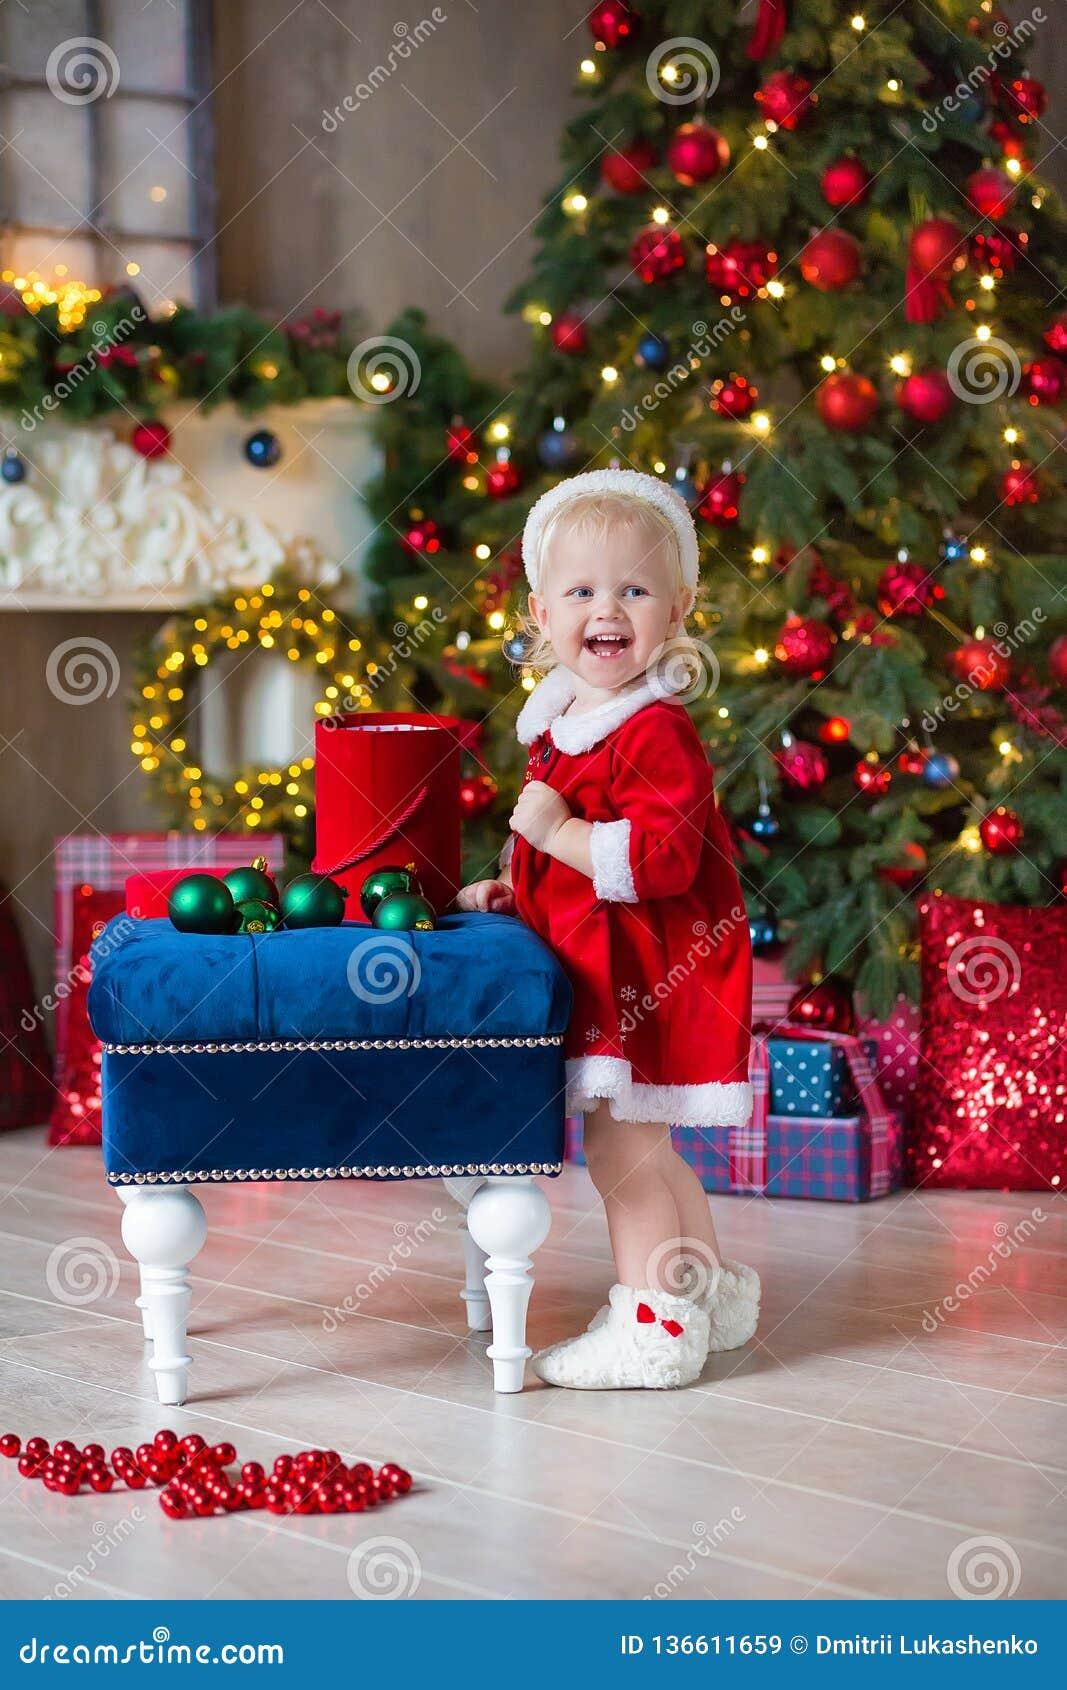 Η Χαρούμενα Χριστούγεννα και καλές διακοπές χαριτωμένος λίγο κορίτσι παιδιών διακοσμεί το χριστουγεννιάτικο δέντρο στο εσωτερικό